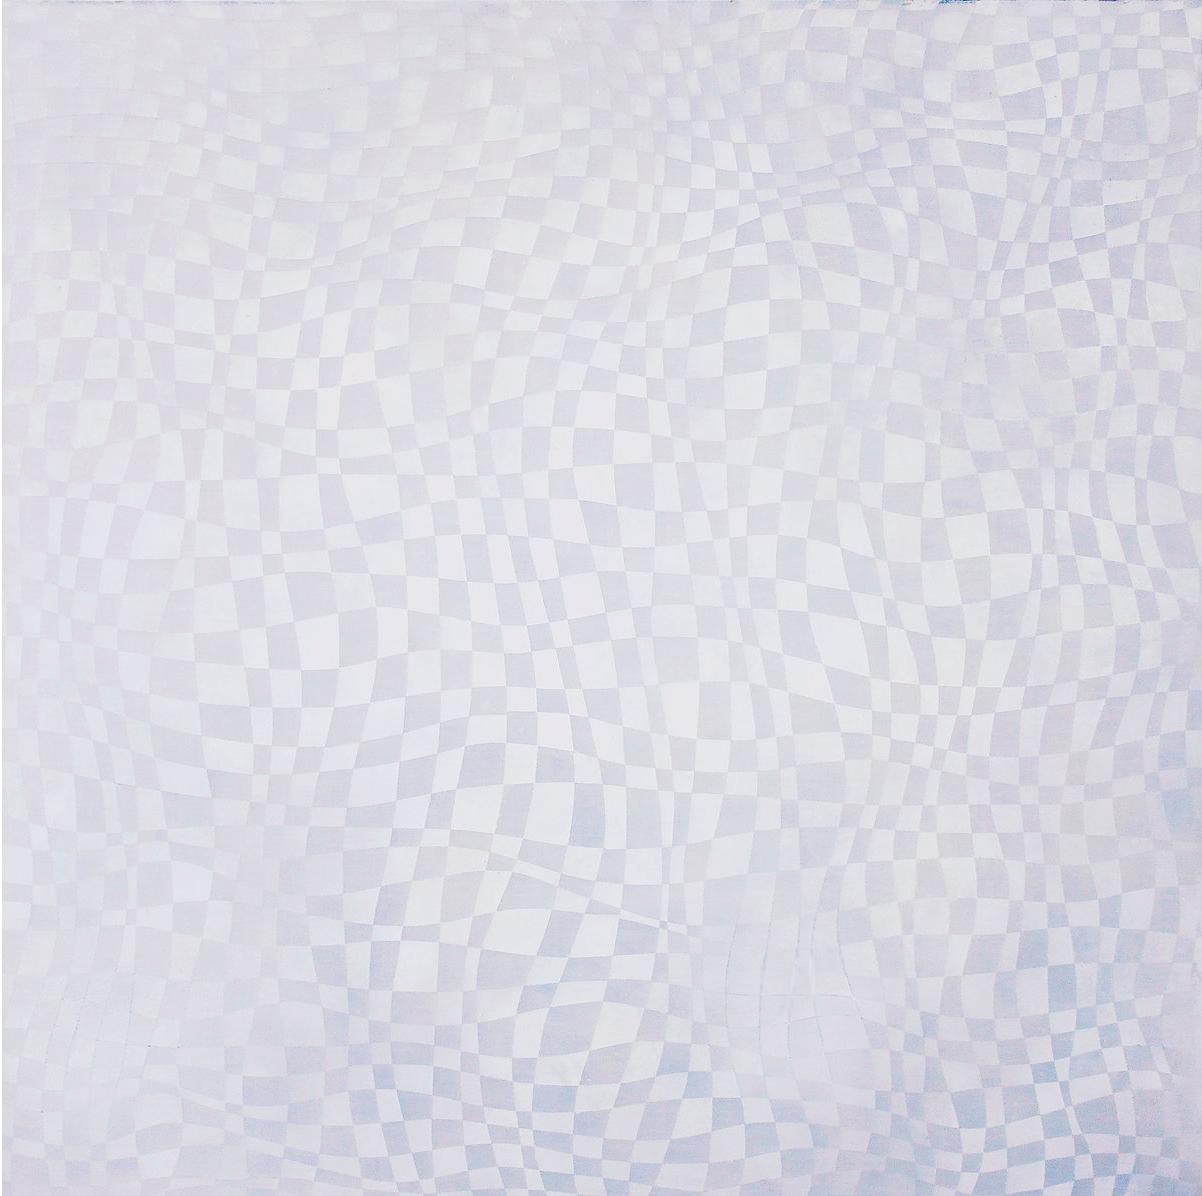 """Moment II, 2016, acrylic on canvas, 68""""x68"""""""